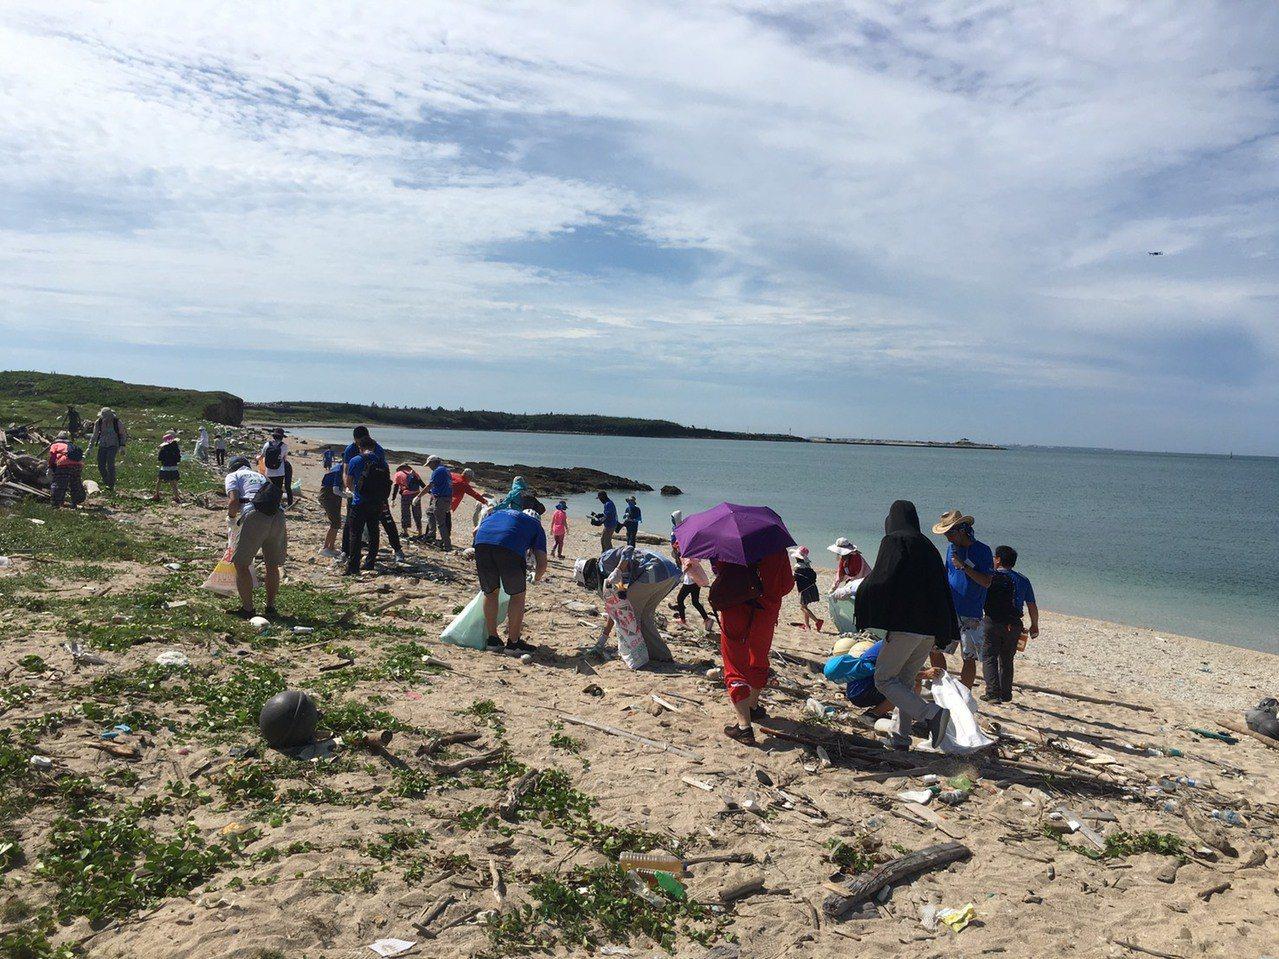 澎湖沙灘塑膠垃圾多 源頭減塑管理更迫切